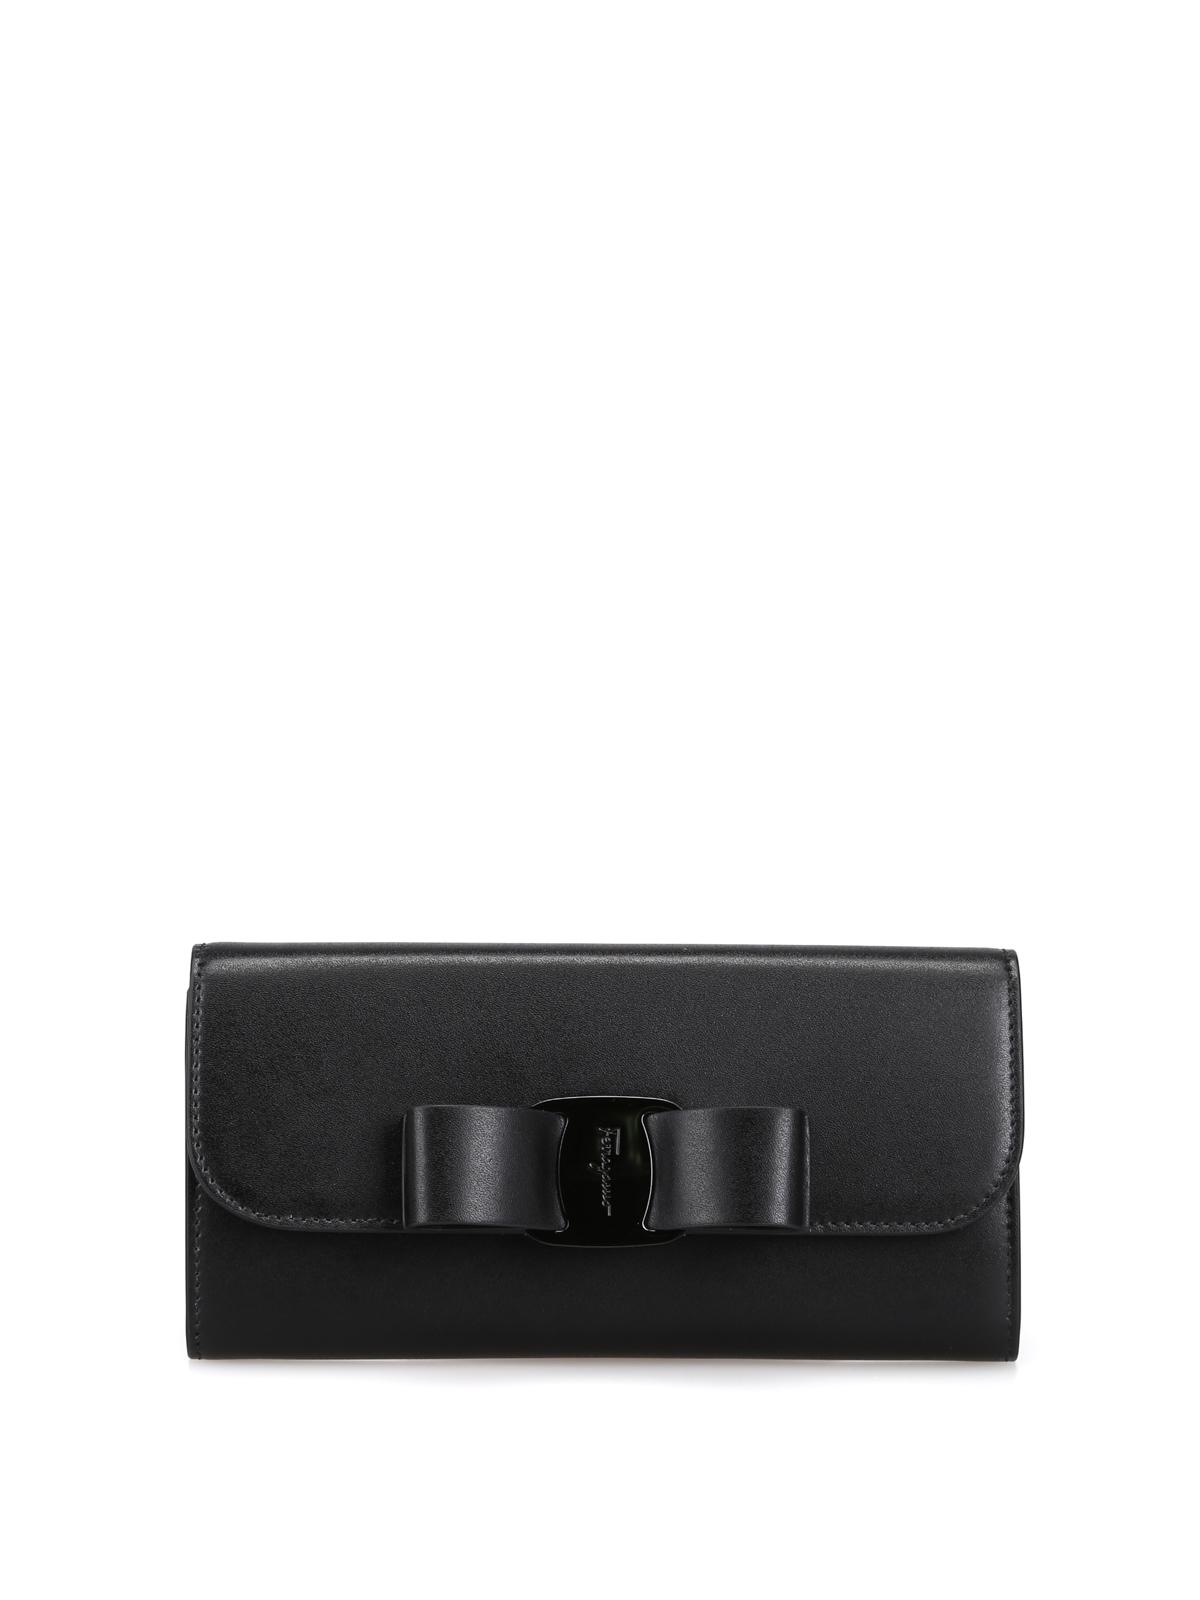 ca015eb477 SALVATORE FERRAGAMO: portafogli - Portafoglio continental nero con fiocco  Vara